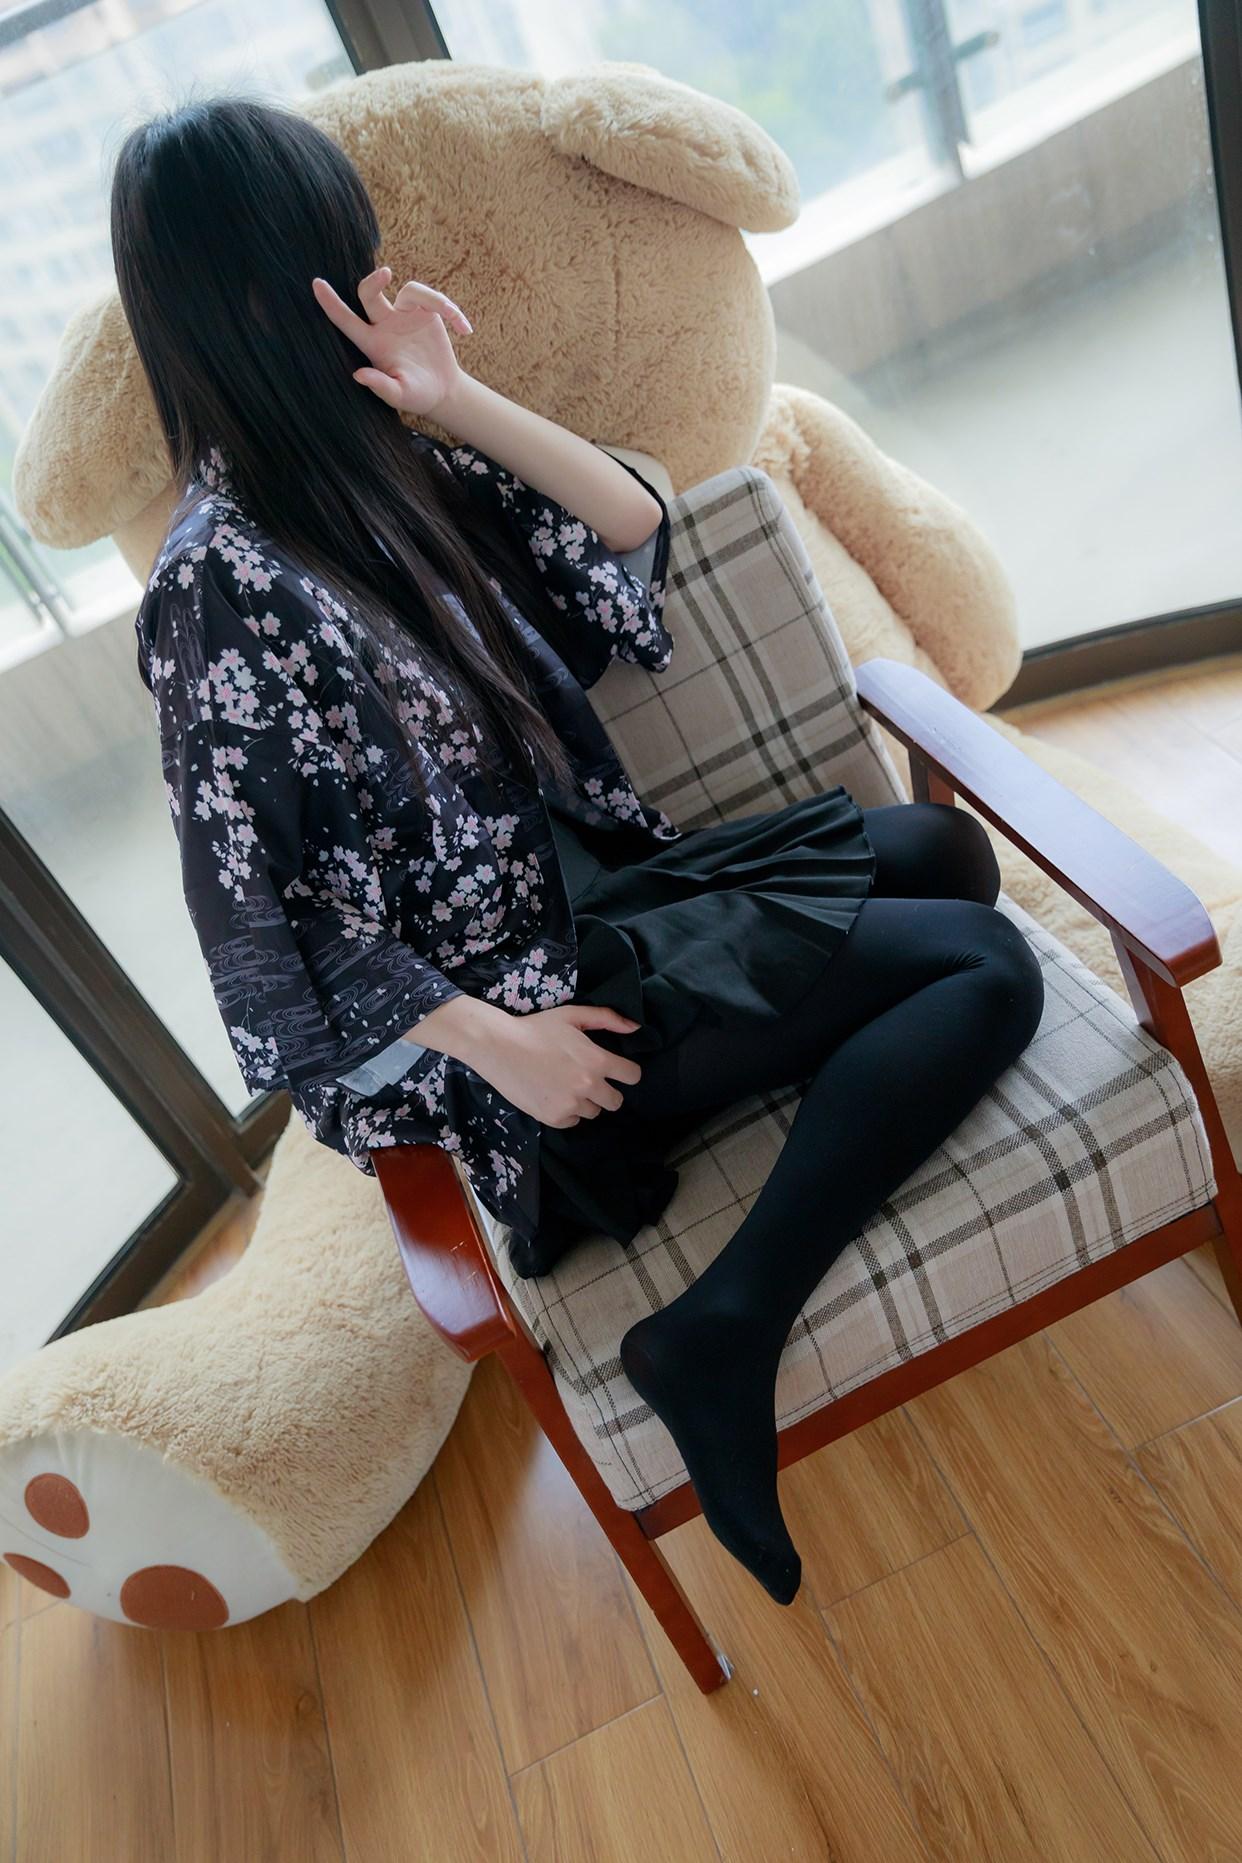 【兔玩映画】椅上的黑丝少女 兔玩映画 第31张